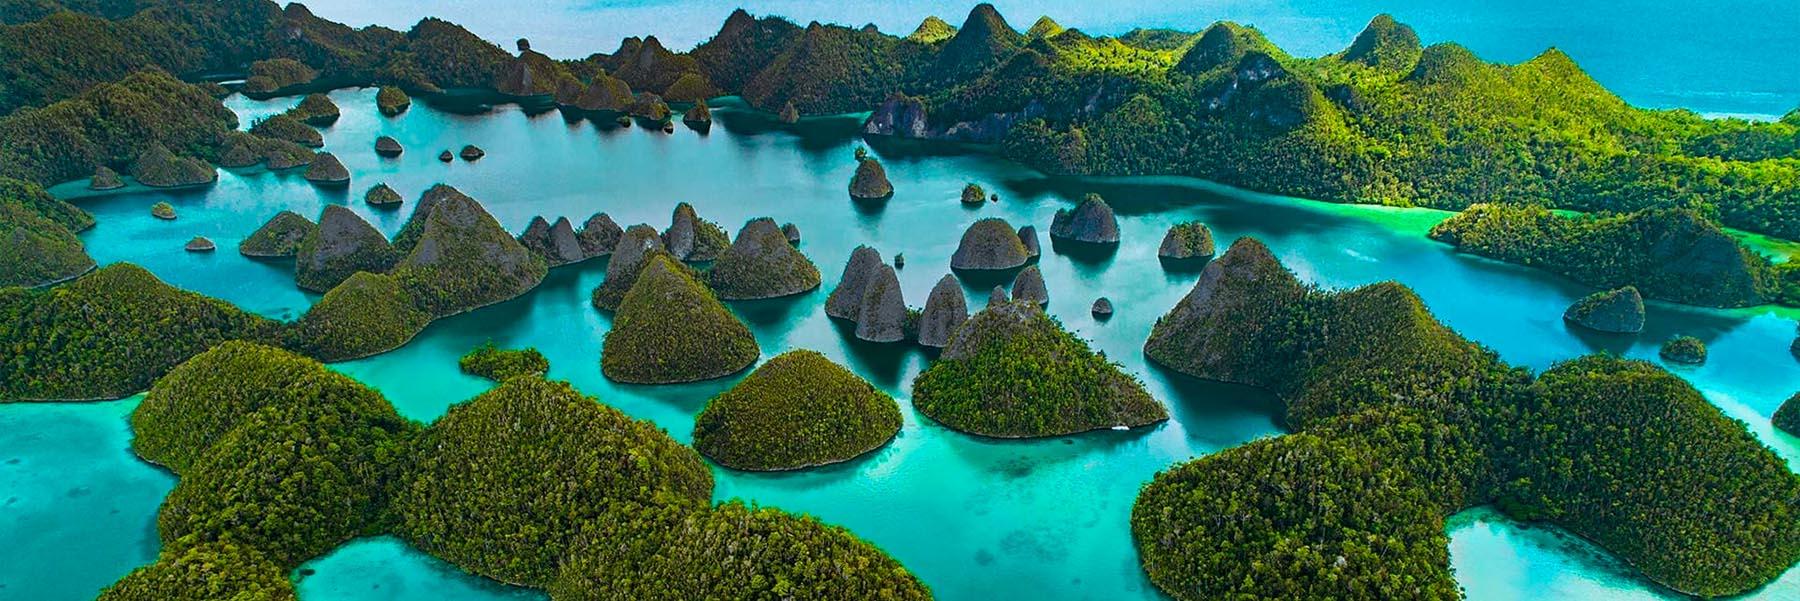 Archipelagos Tours